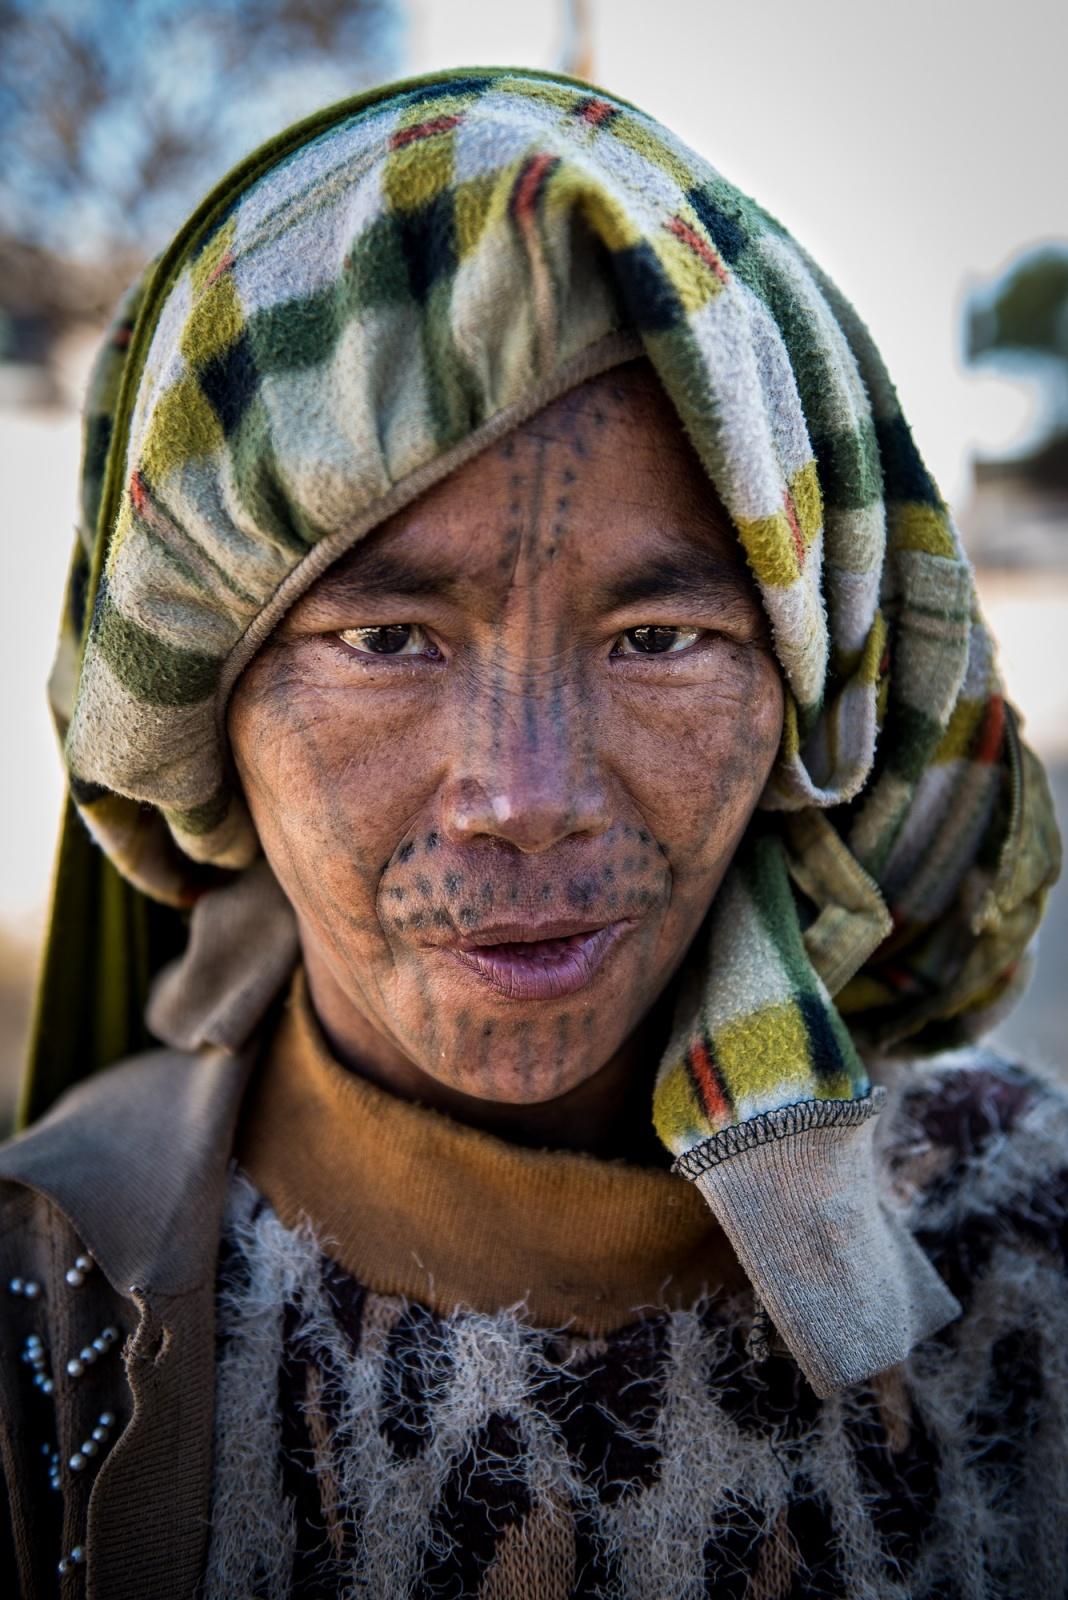 Munn Tribe